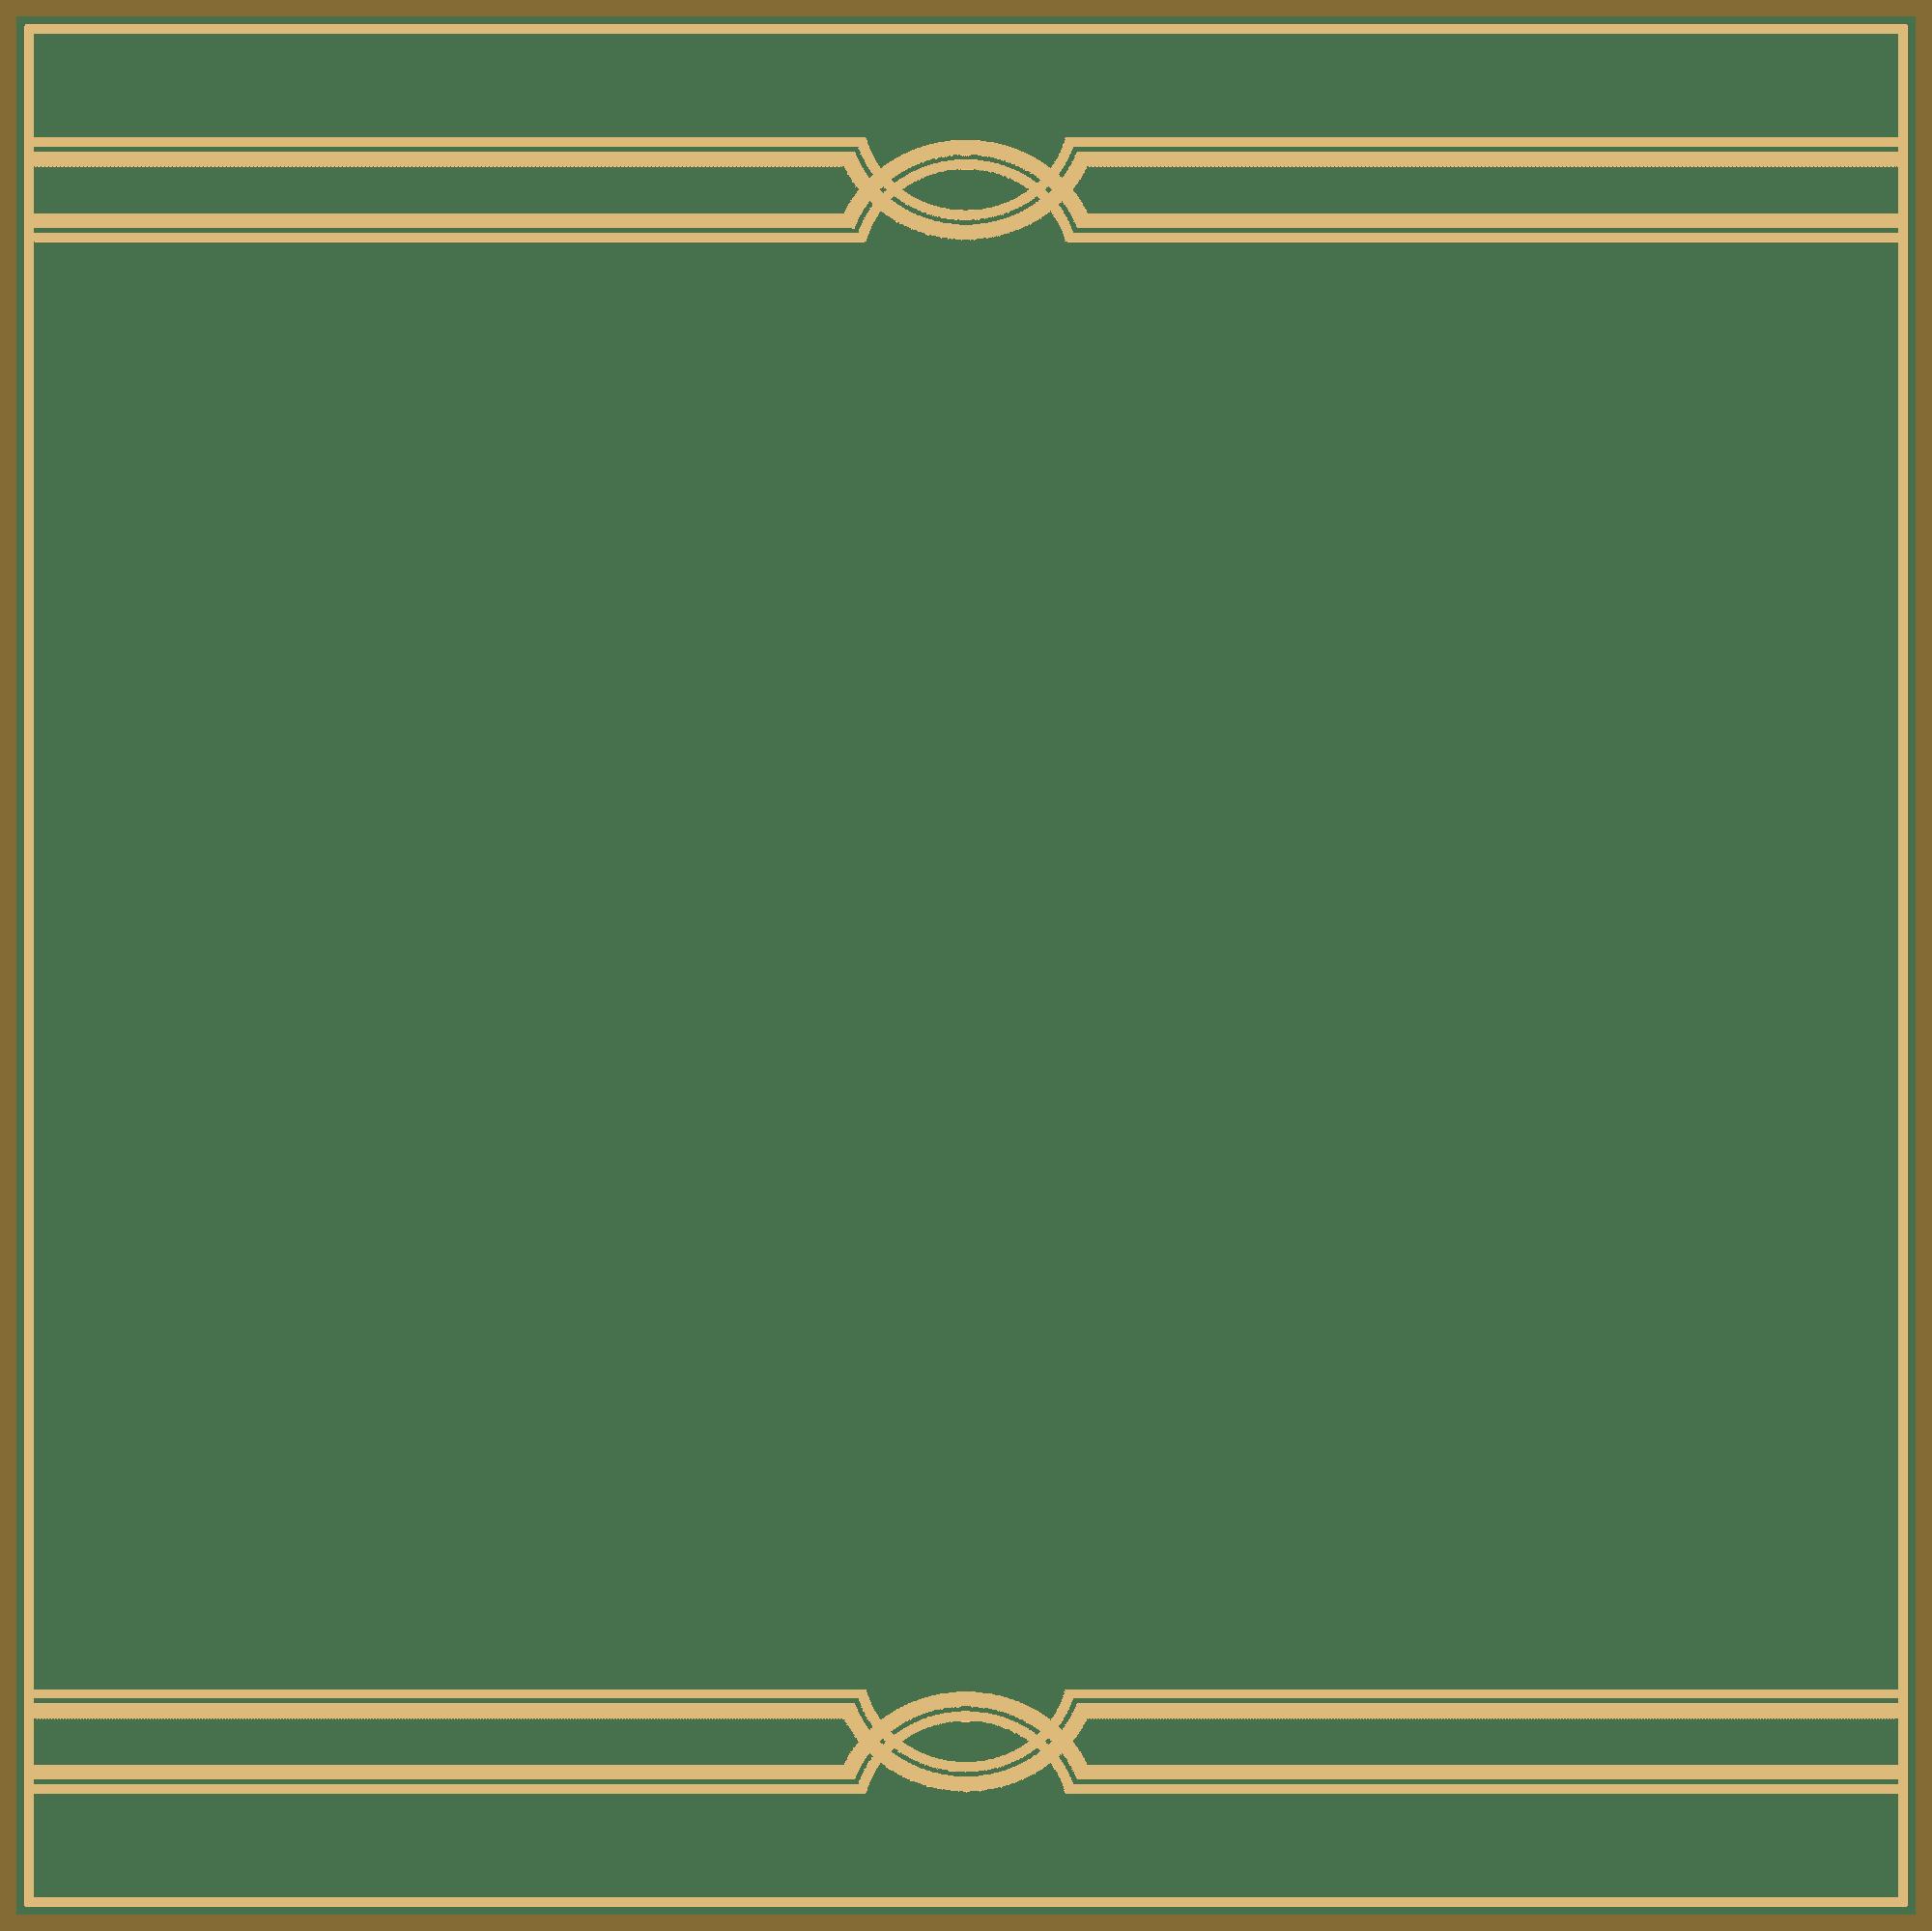 рамка в деловом стиле картинки часть комода